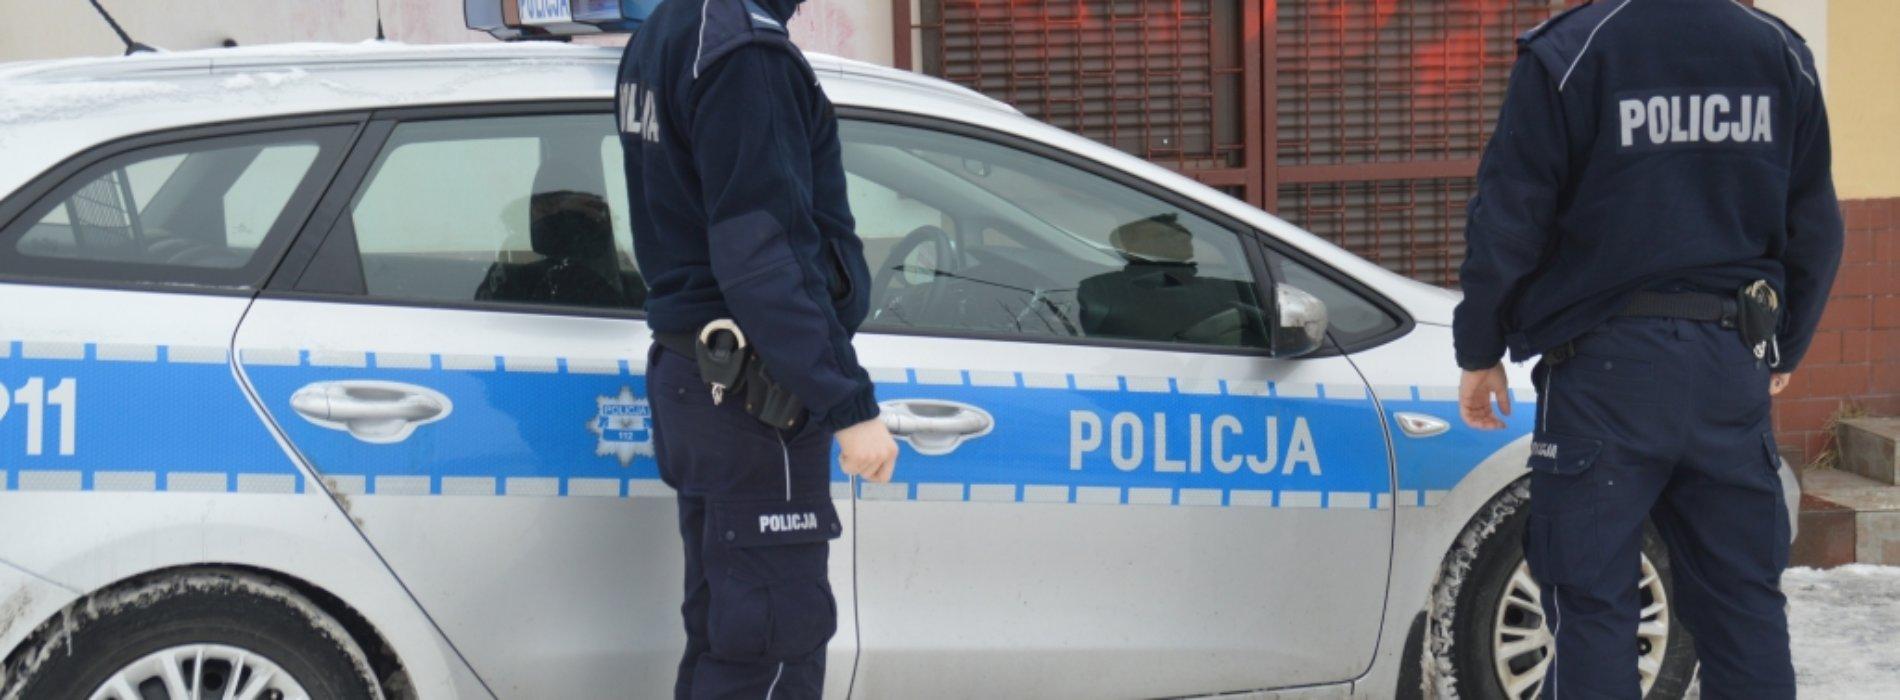 POLICJANCI URATOWALI ŻYCIE 19-LATKOWI, KTÓRY CHCIAŁ POPEŁNIĆ SAMOBÓJSTWO